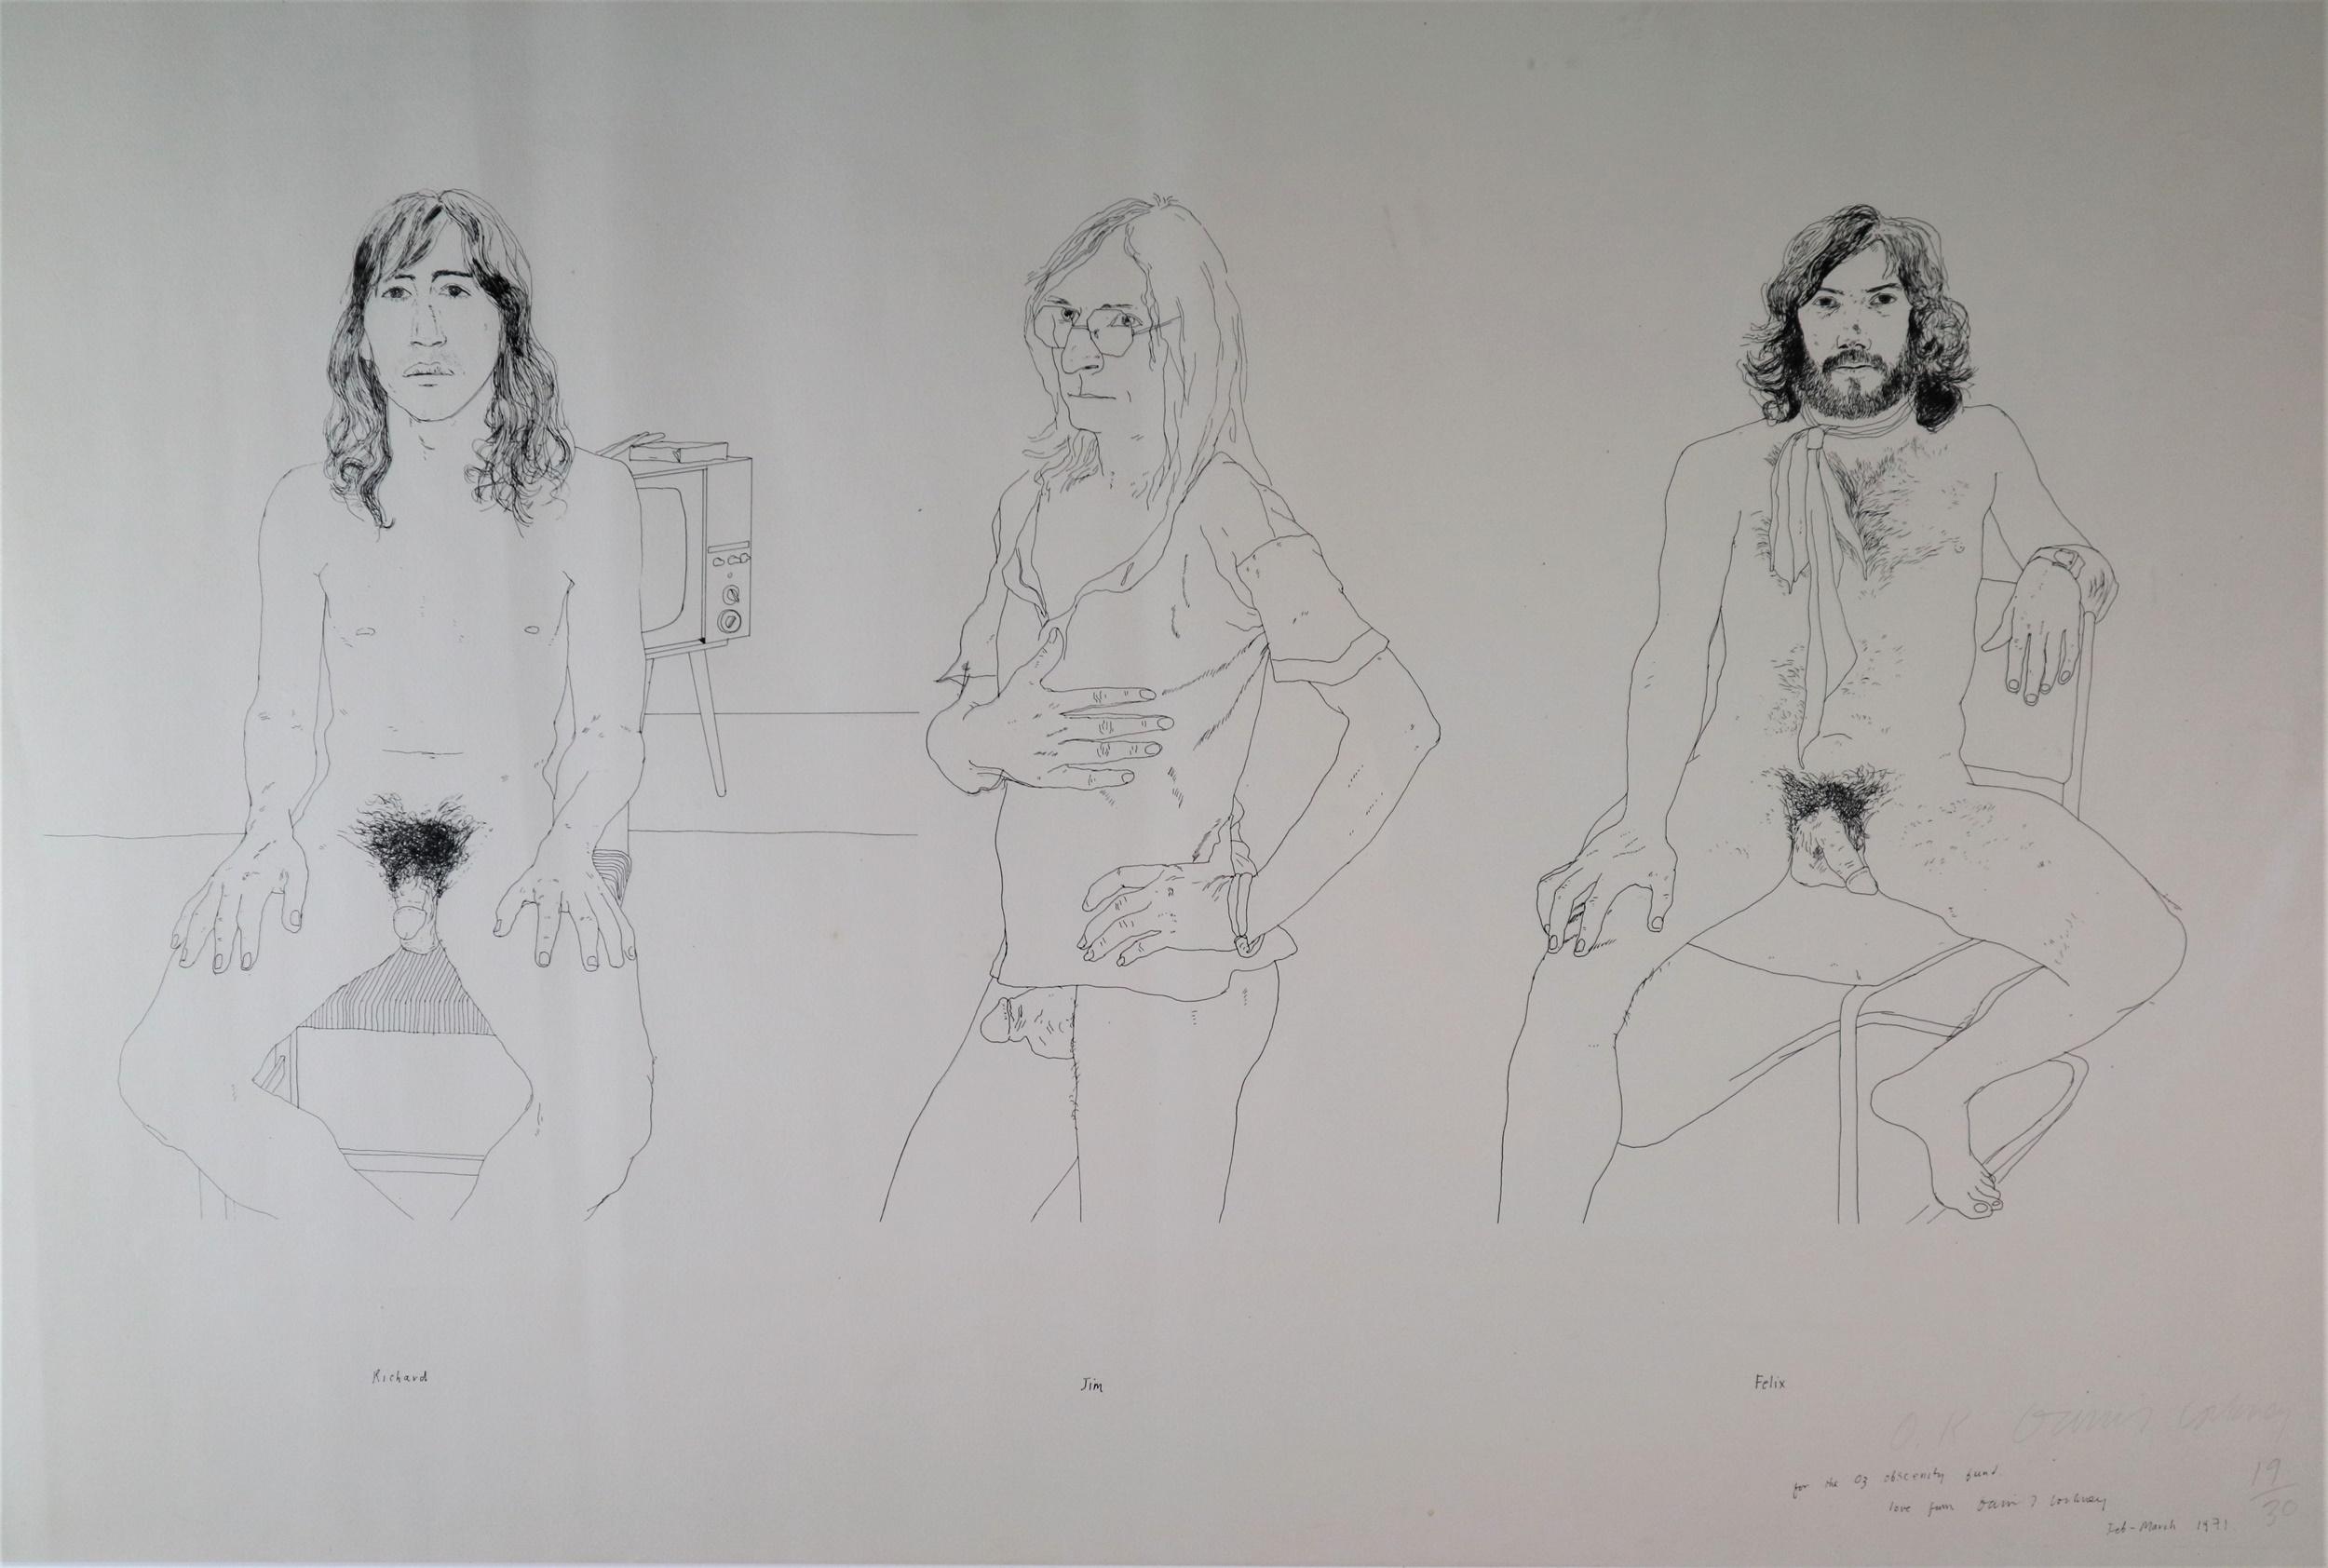 David Hockney Oz Obscenity Fund